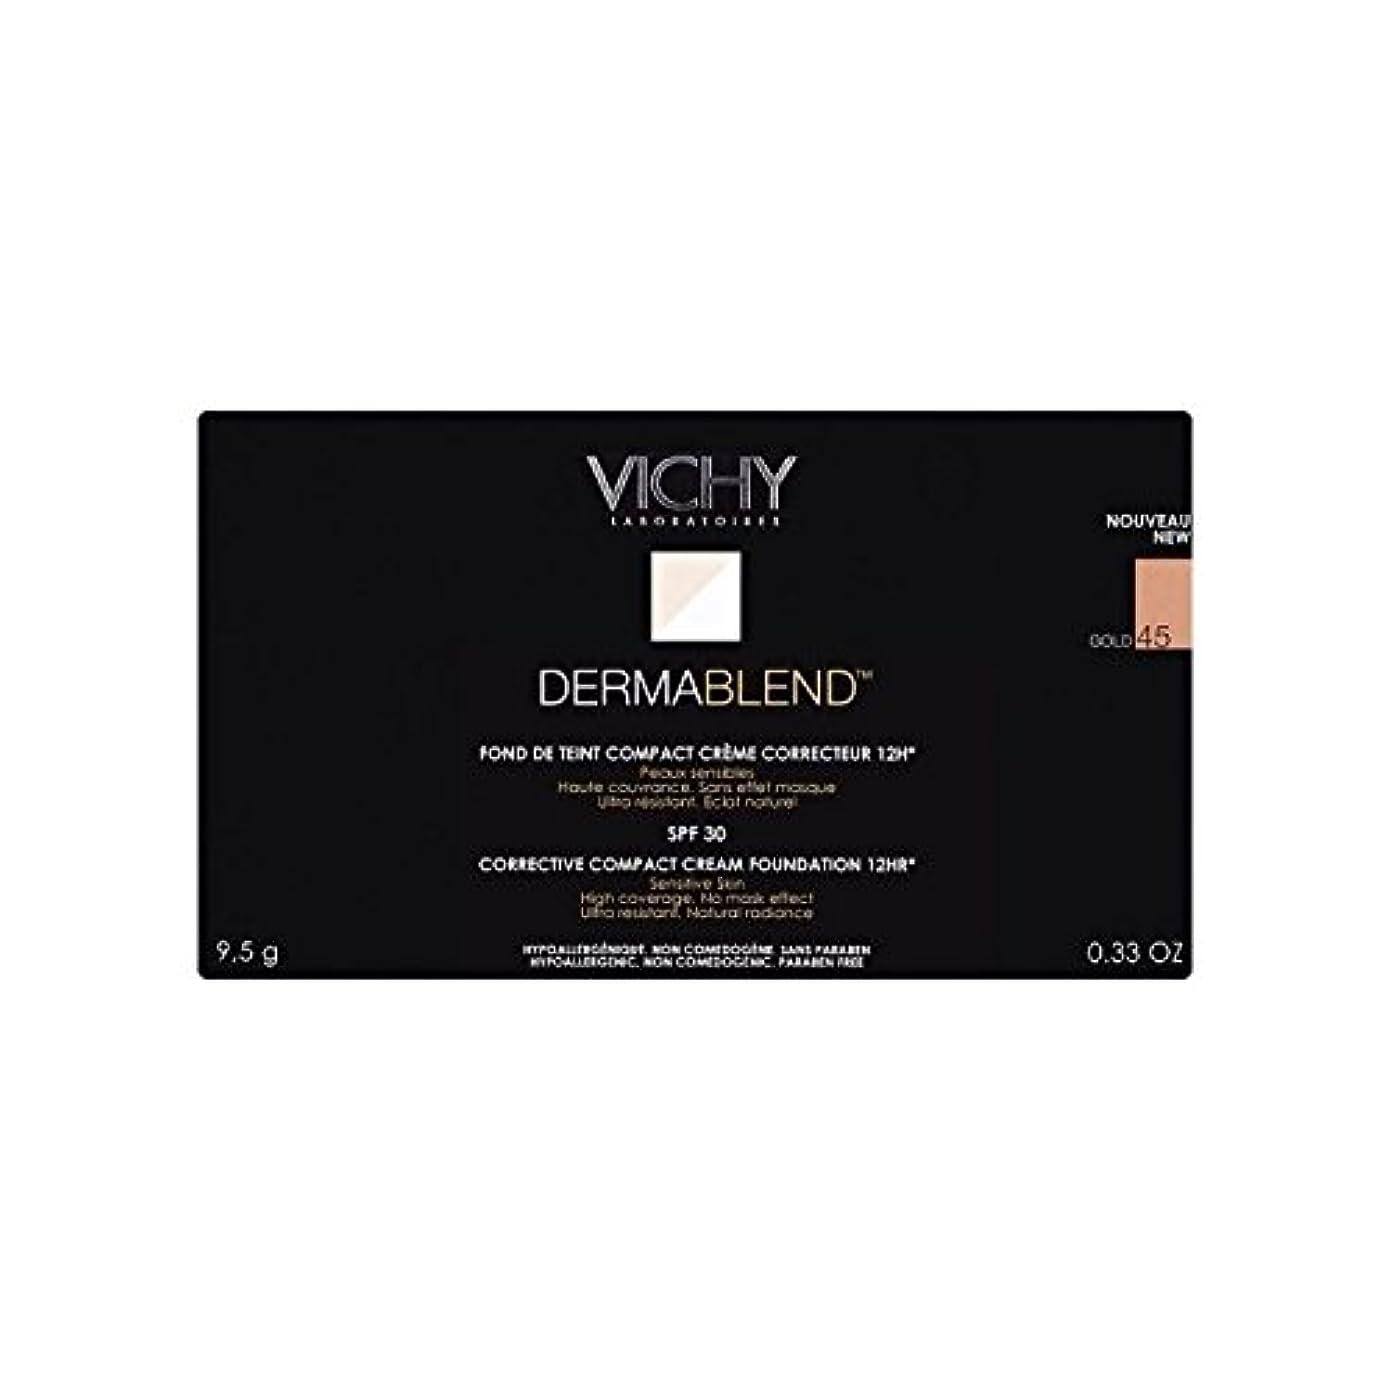 ピケファーザーファージュ割合ヴィシー是正コンパクトクリームファンデーション金45 x2 - Vichy Dermablend Corrective Compact Cream Foundation Gold 45 (Pack of 2) [並行輸入品]